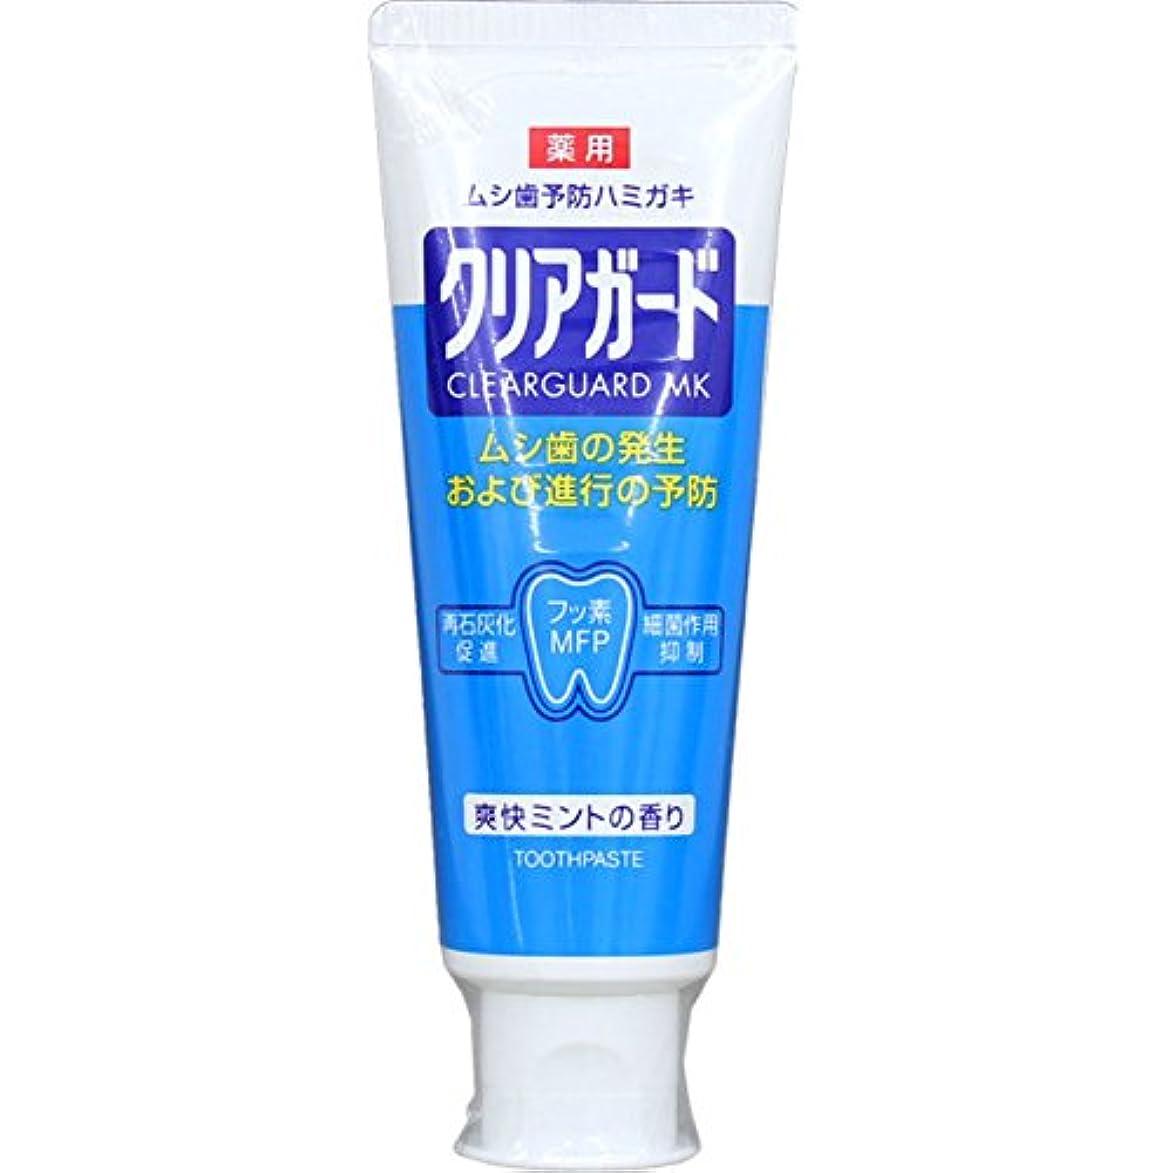 エアコン時間厳守シャー薬用クリアガード 160g (医薬部外品)